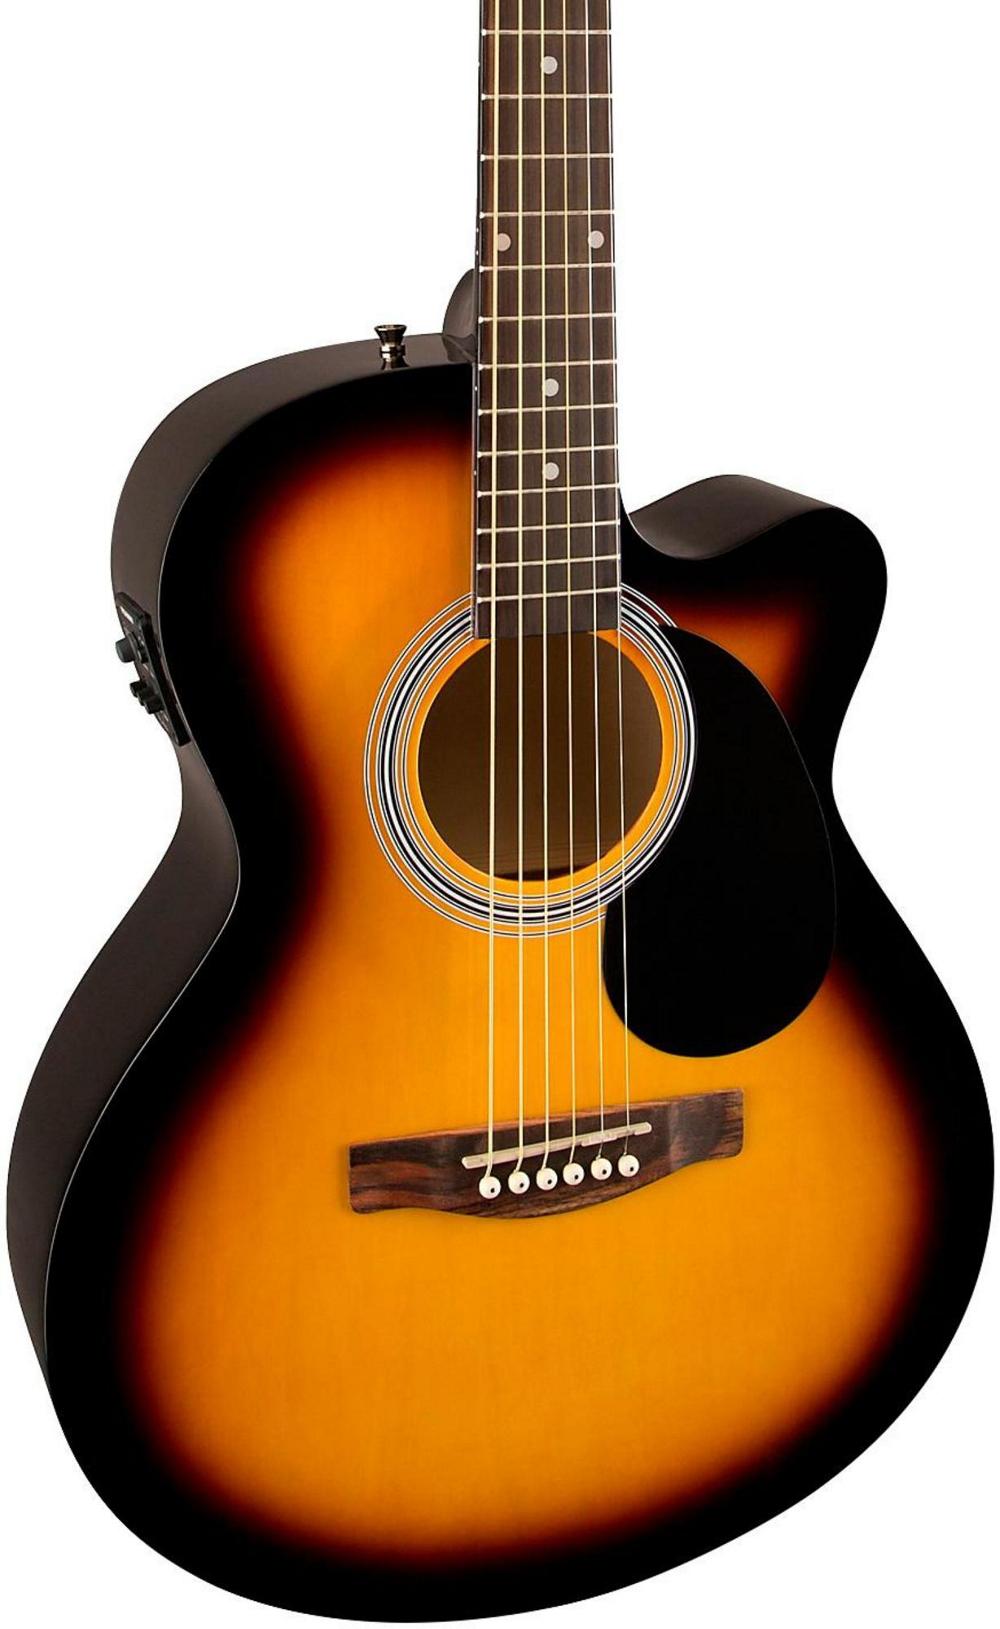 fender fa 135ce cutaway concert acoustic electric guitar 3 color sunburst ebay. Black Bedroom Furniture Sets. Home Design Ideas